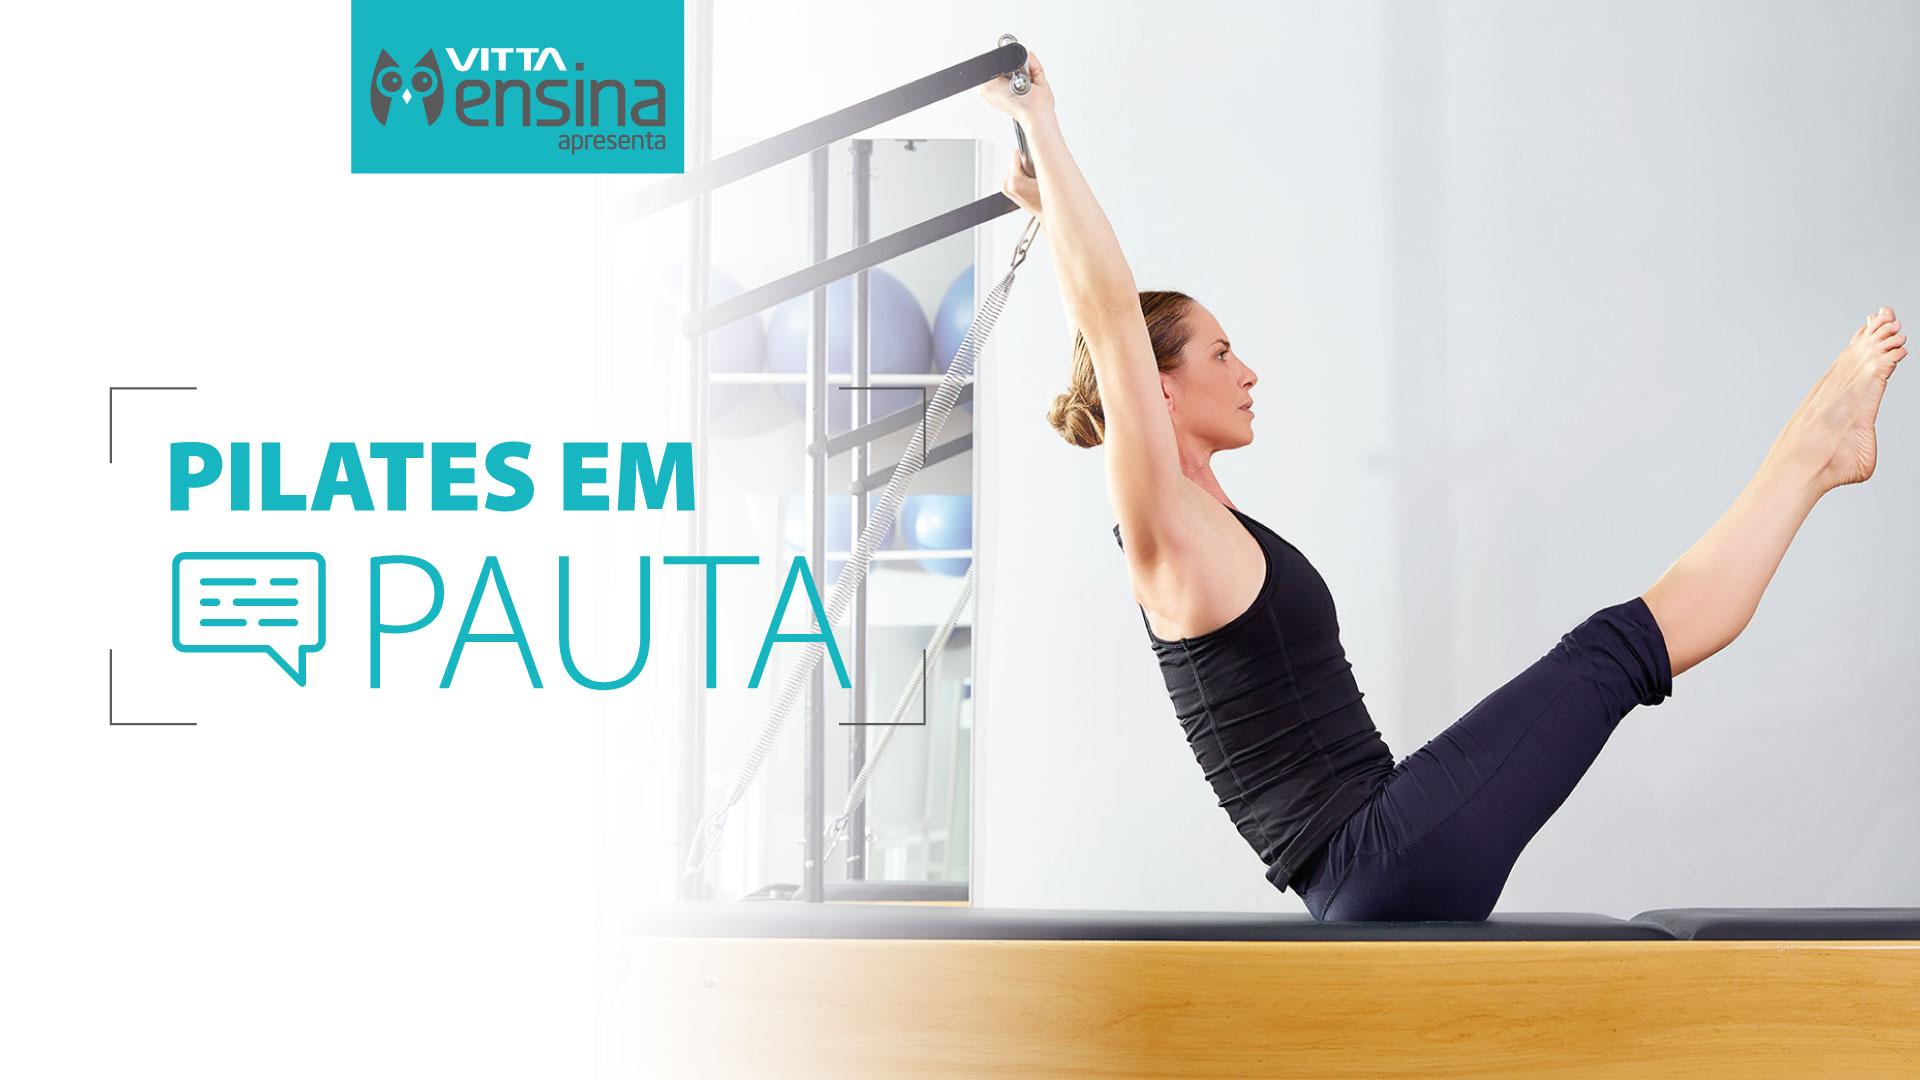 Pilates em Pauta